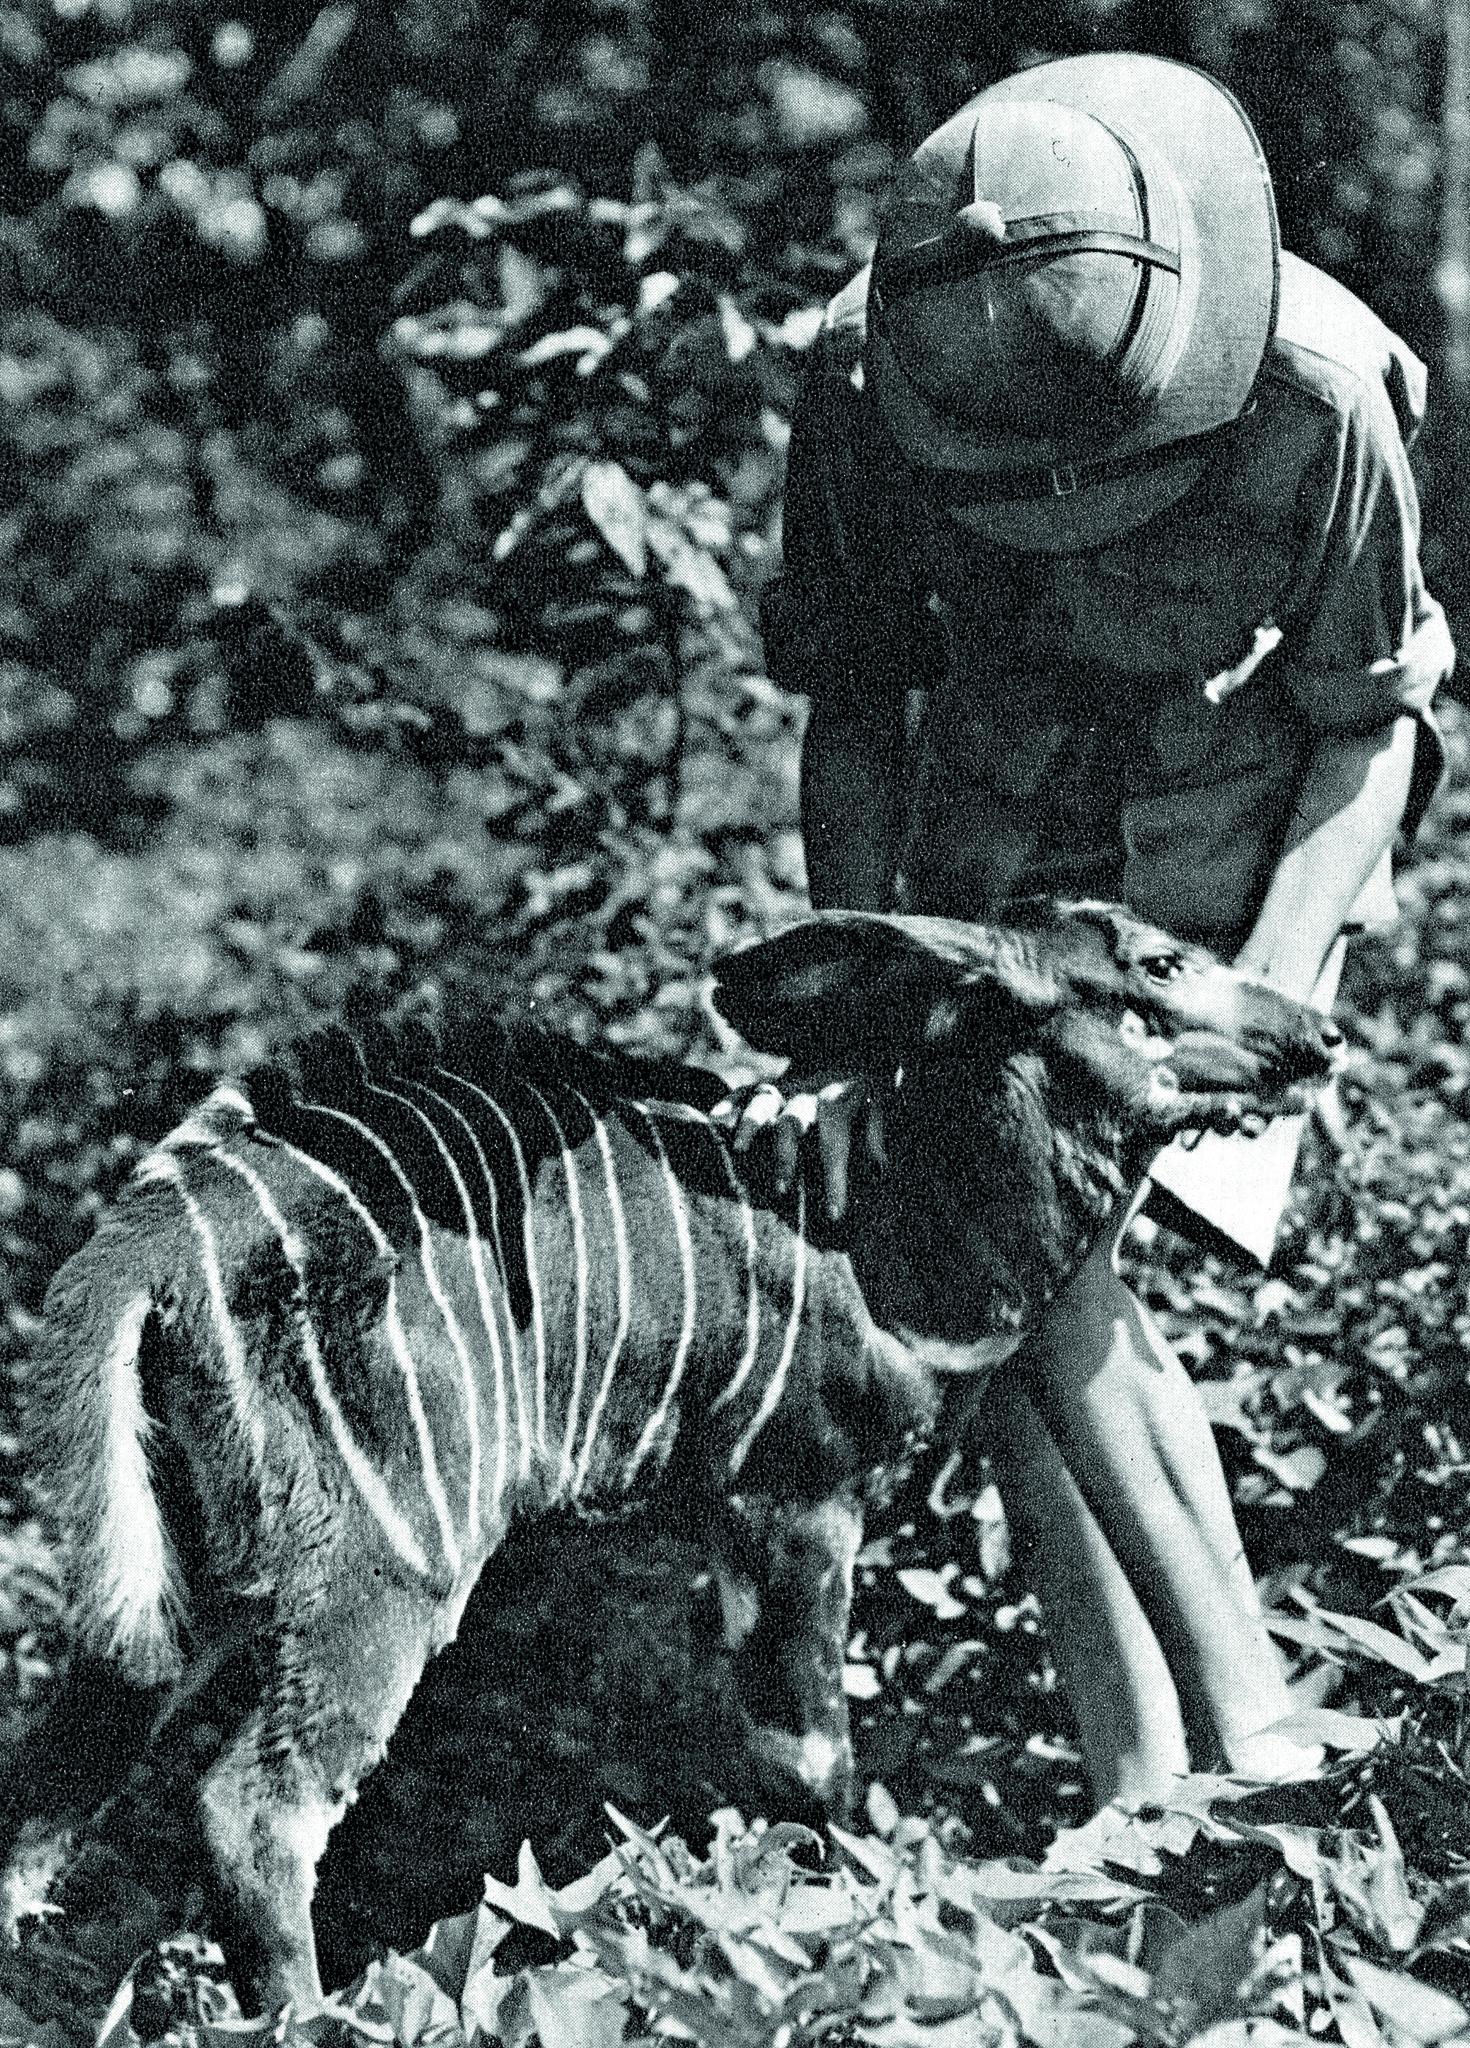 Attilio Gatti ja bongo, arka viidakkoantilooppi.